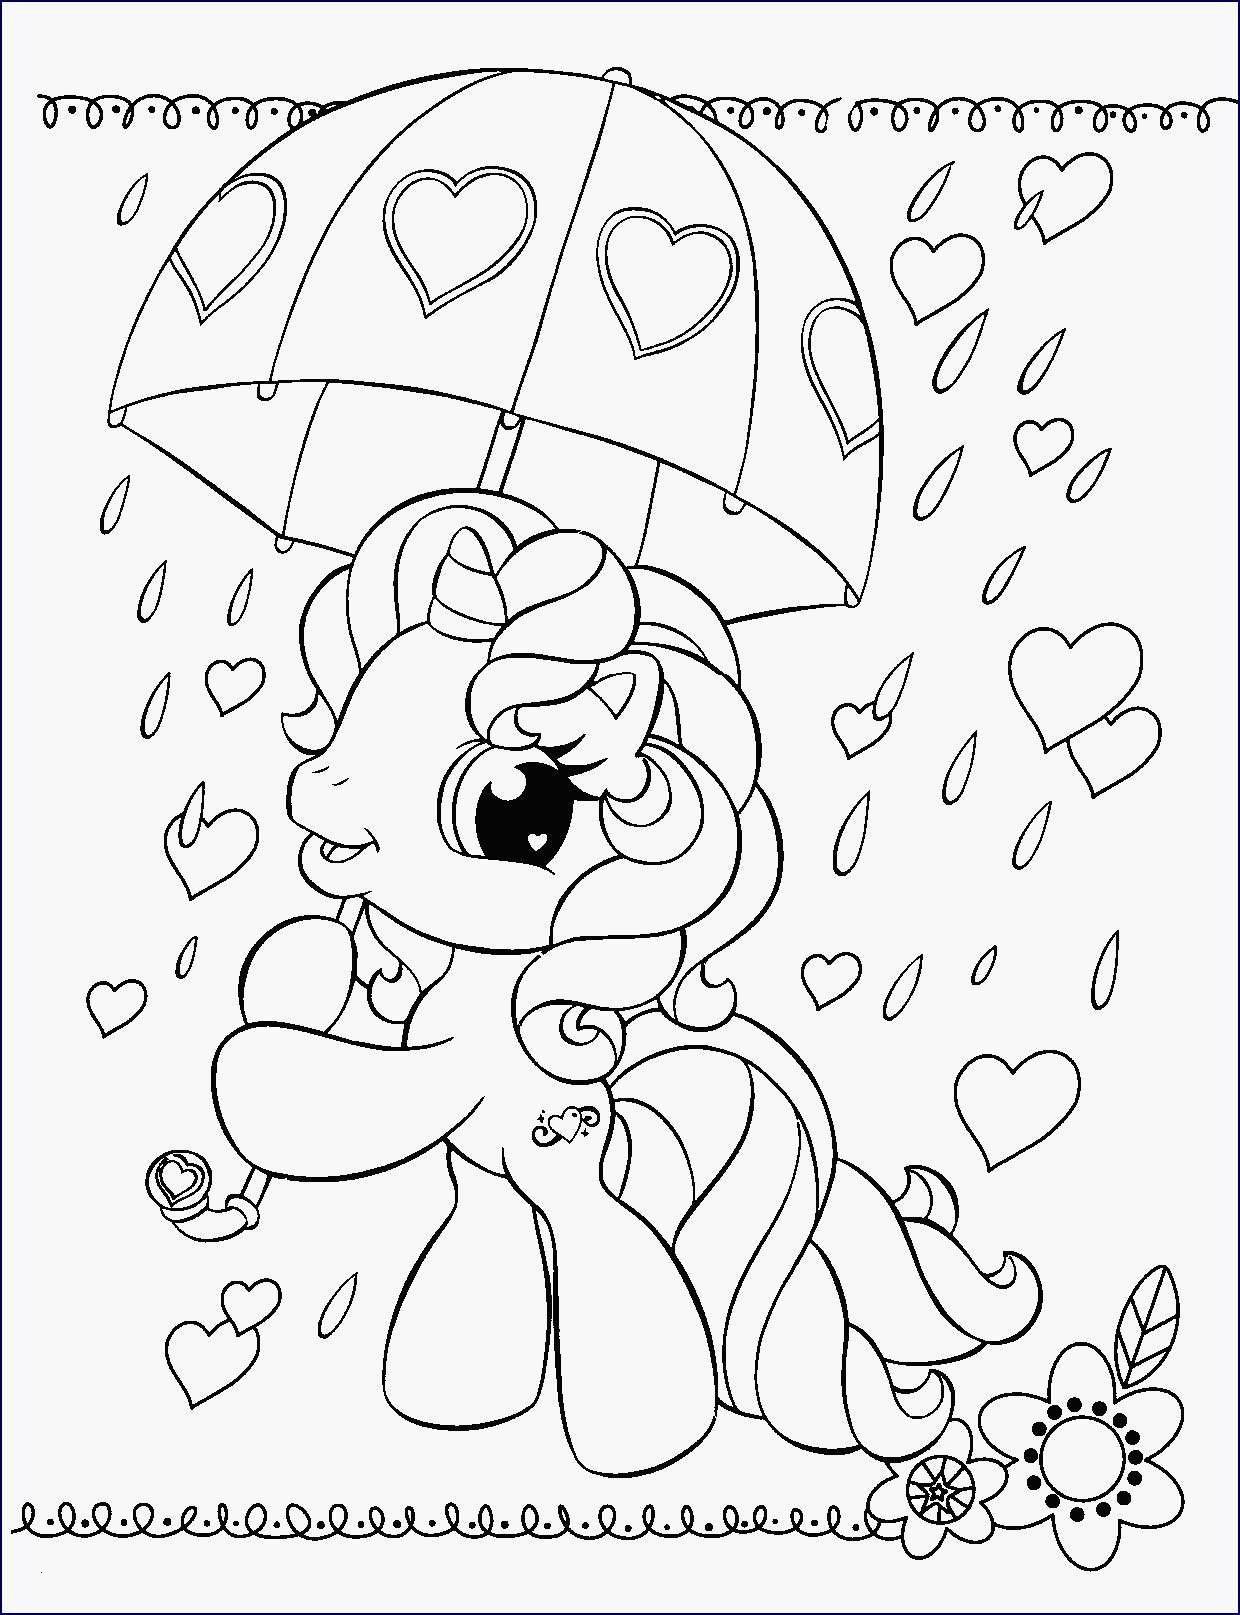 Ausmalbilder My Little Pony Applejack Neu 40 Ausmalbilder Equestria Girls Scoredatscore Schön Ausmalbilder My Bilder